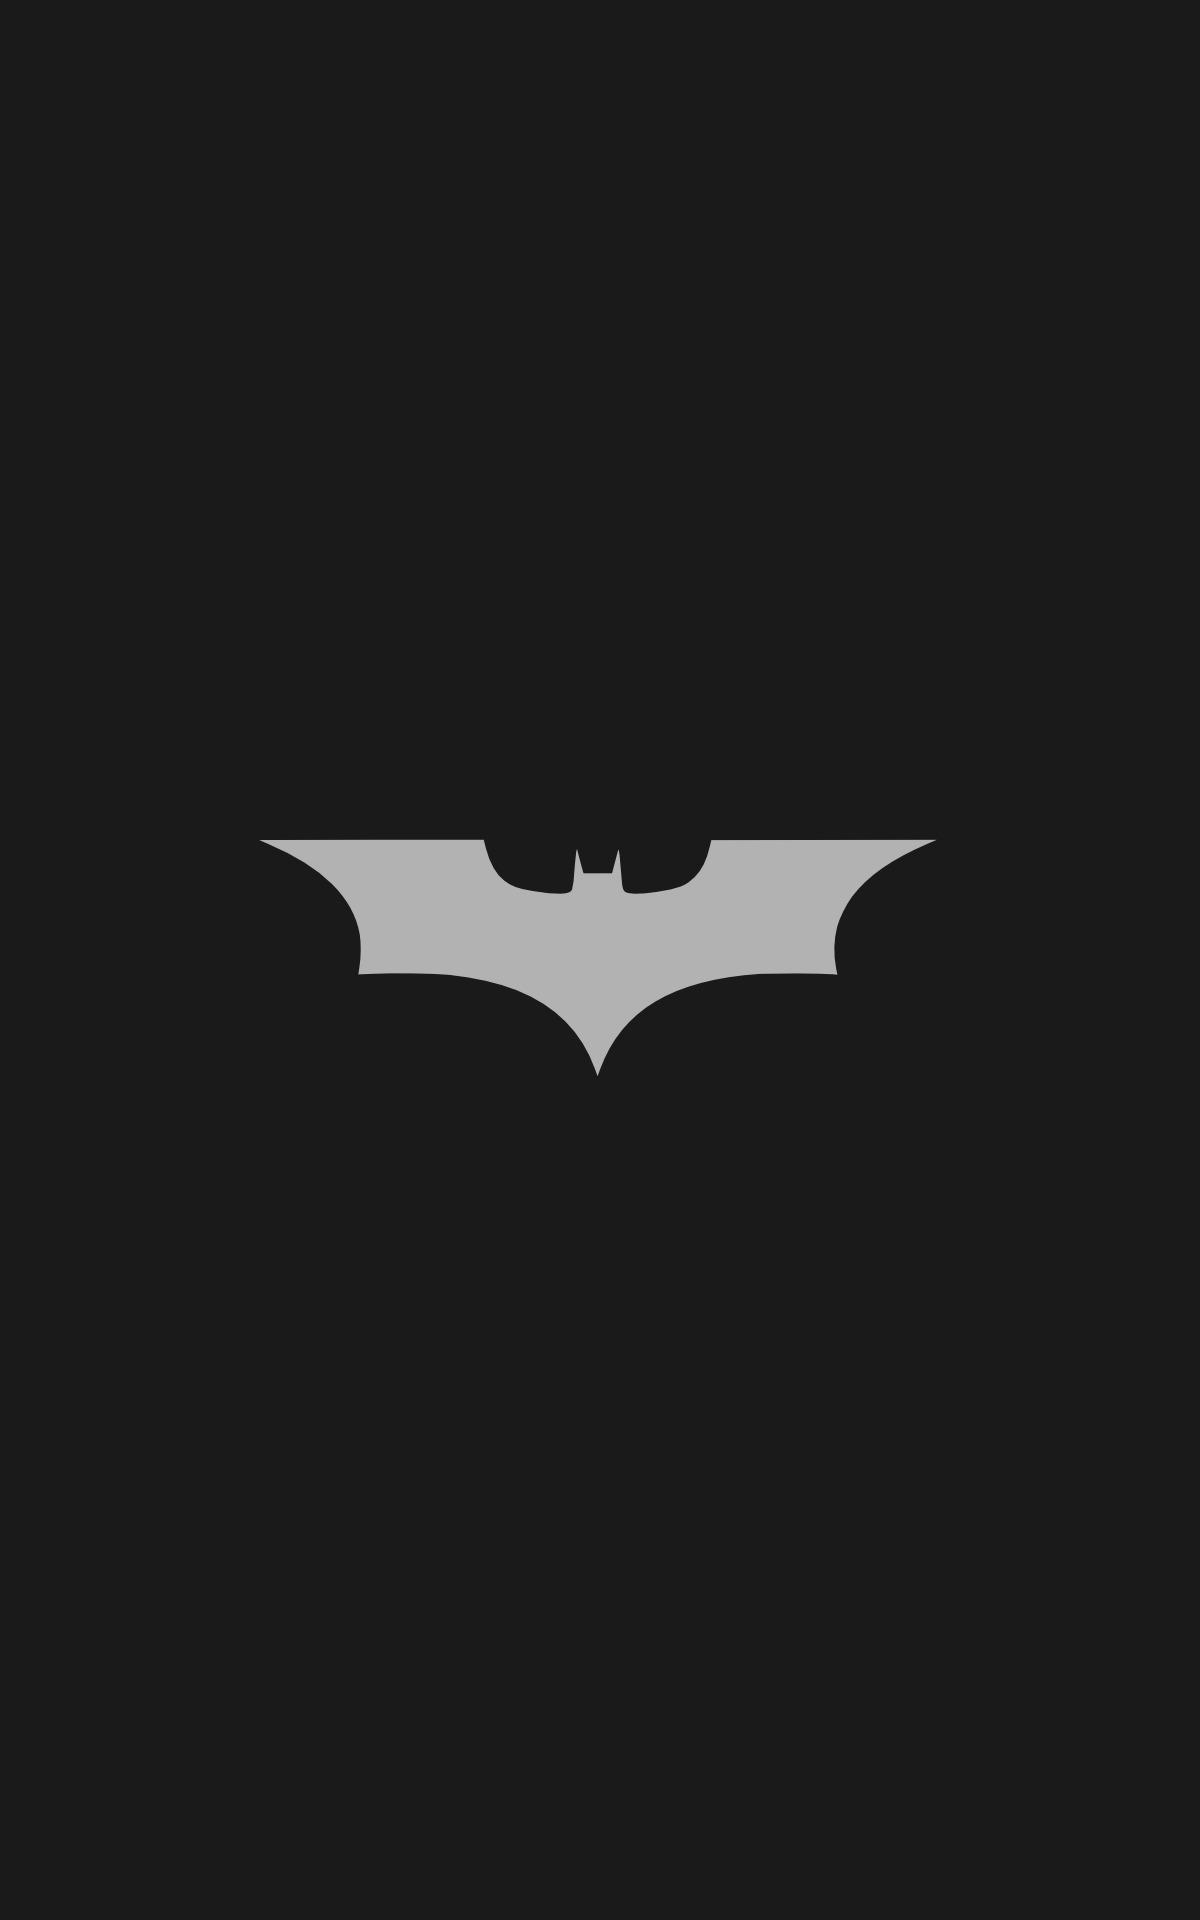 Marvel Super Heroes 3d Wallpaper Batman Logo Batman Minimalism Portrait Display